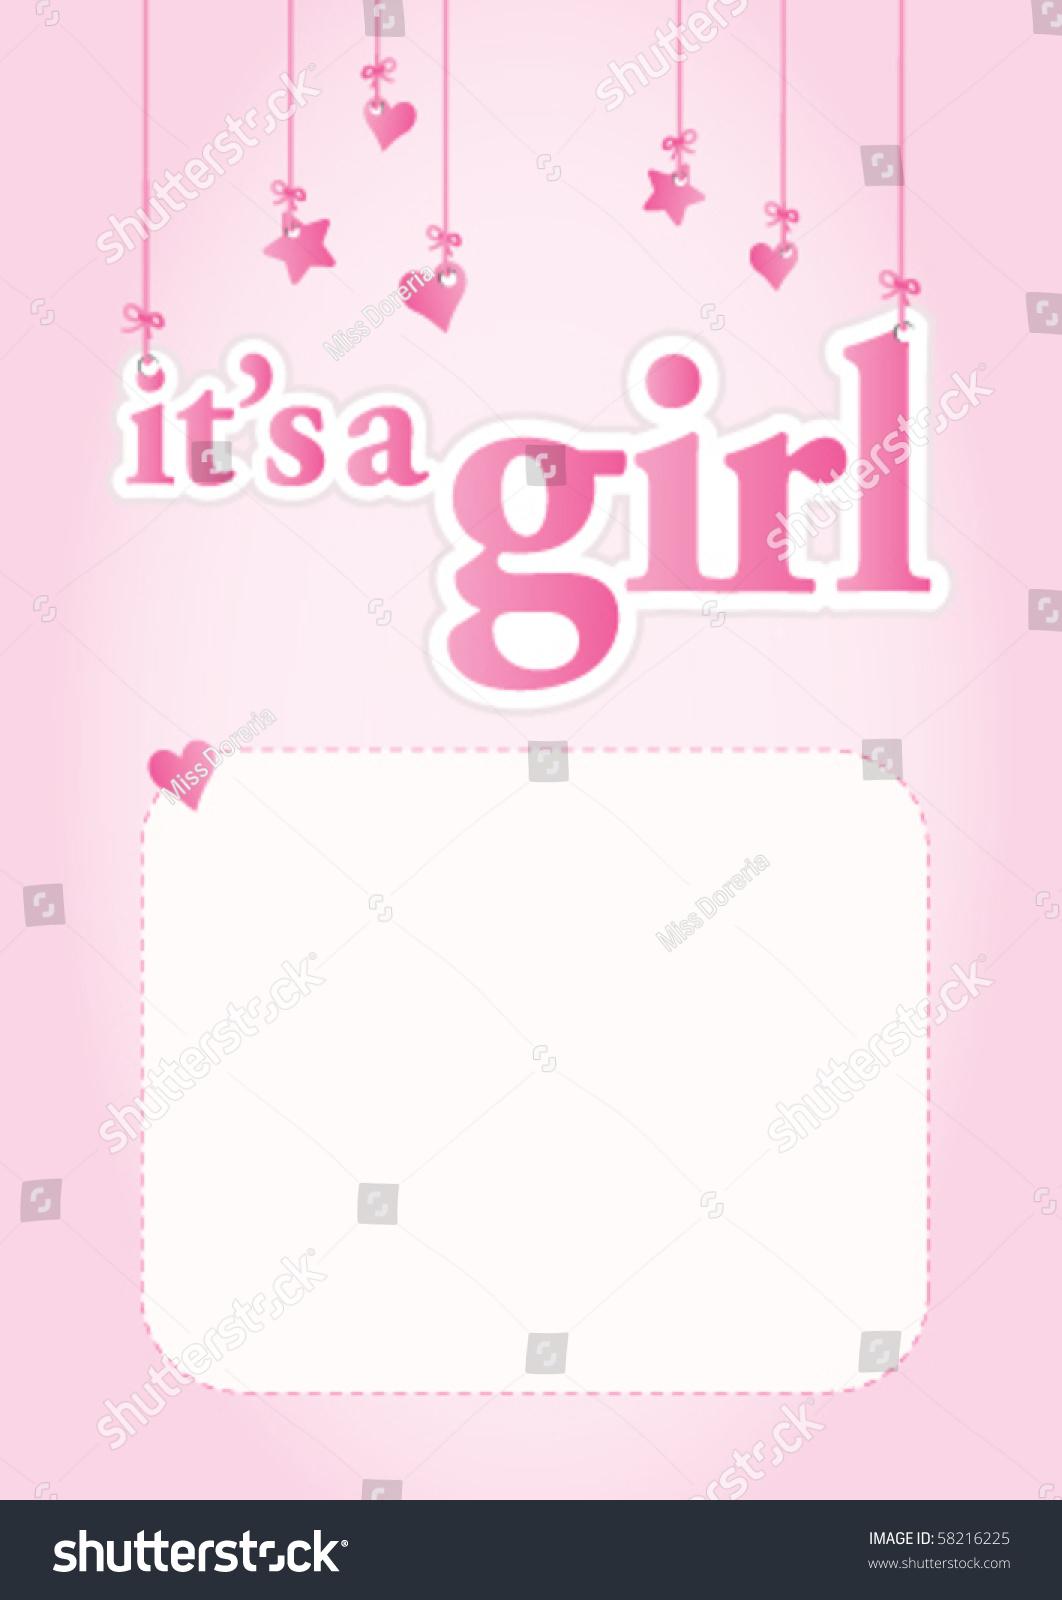 Cute Baby Girl Child Wallpaper Girl Baby Shower Celebration Light Pink Stock Vector